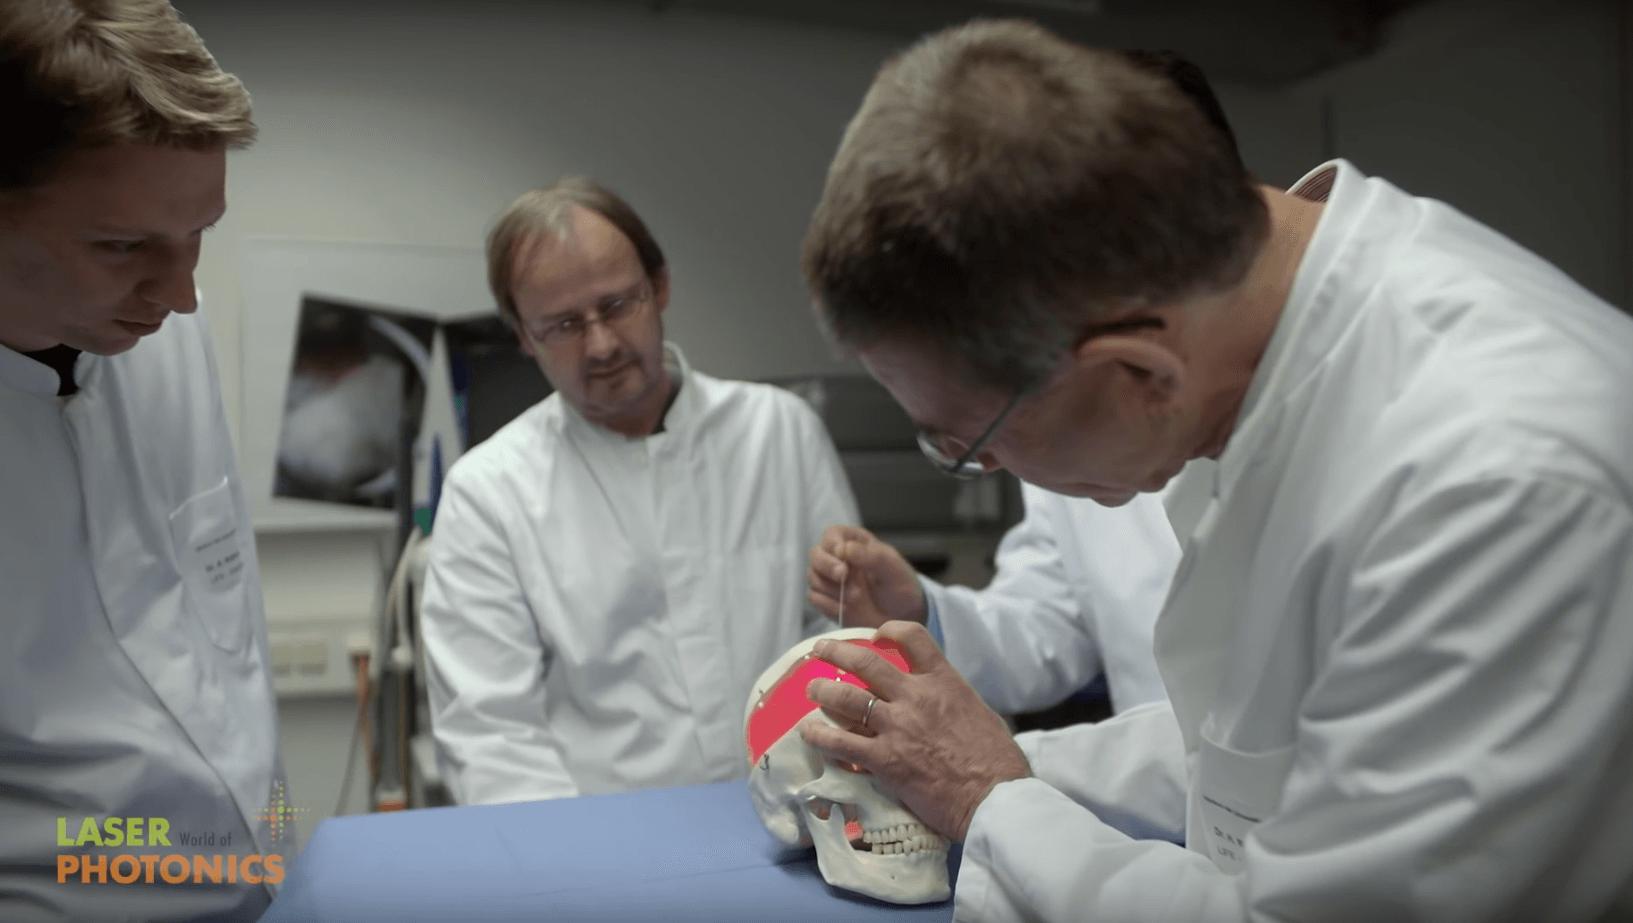 Der Laser ist in der Medizin kaum mehr wegzudenken. Wissenschaftler der LMU München erforschen die selektive Zerstörung von Gehirntumoren mittels photodynamischer Therapie, die die operative Entfernung von an Krebs erkrankten Arealen in Zukunft ersetzen wird. Einblick in diese Technologie gibt die LASER World of PHOTONICS, Weltleitmesse der optischen Technologien – von der Forschung über Technologien bis hin zur Anwendung.